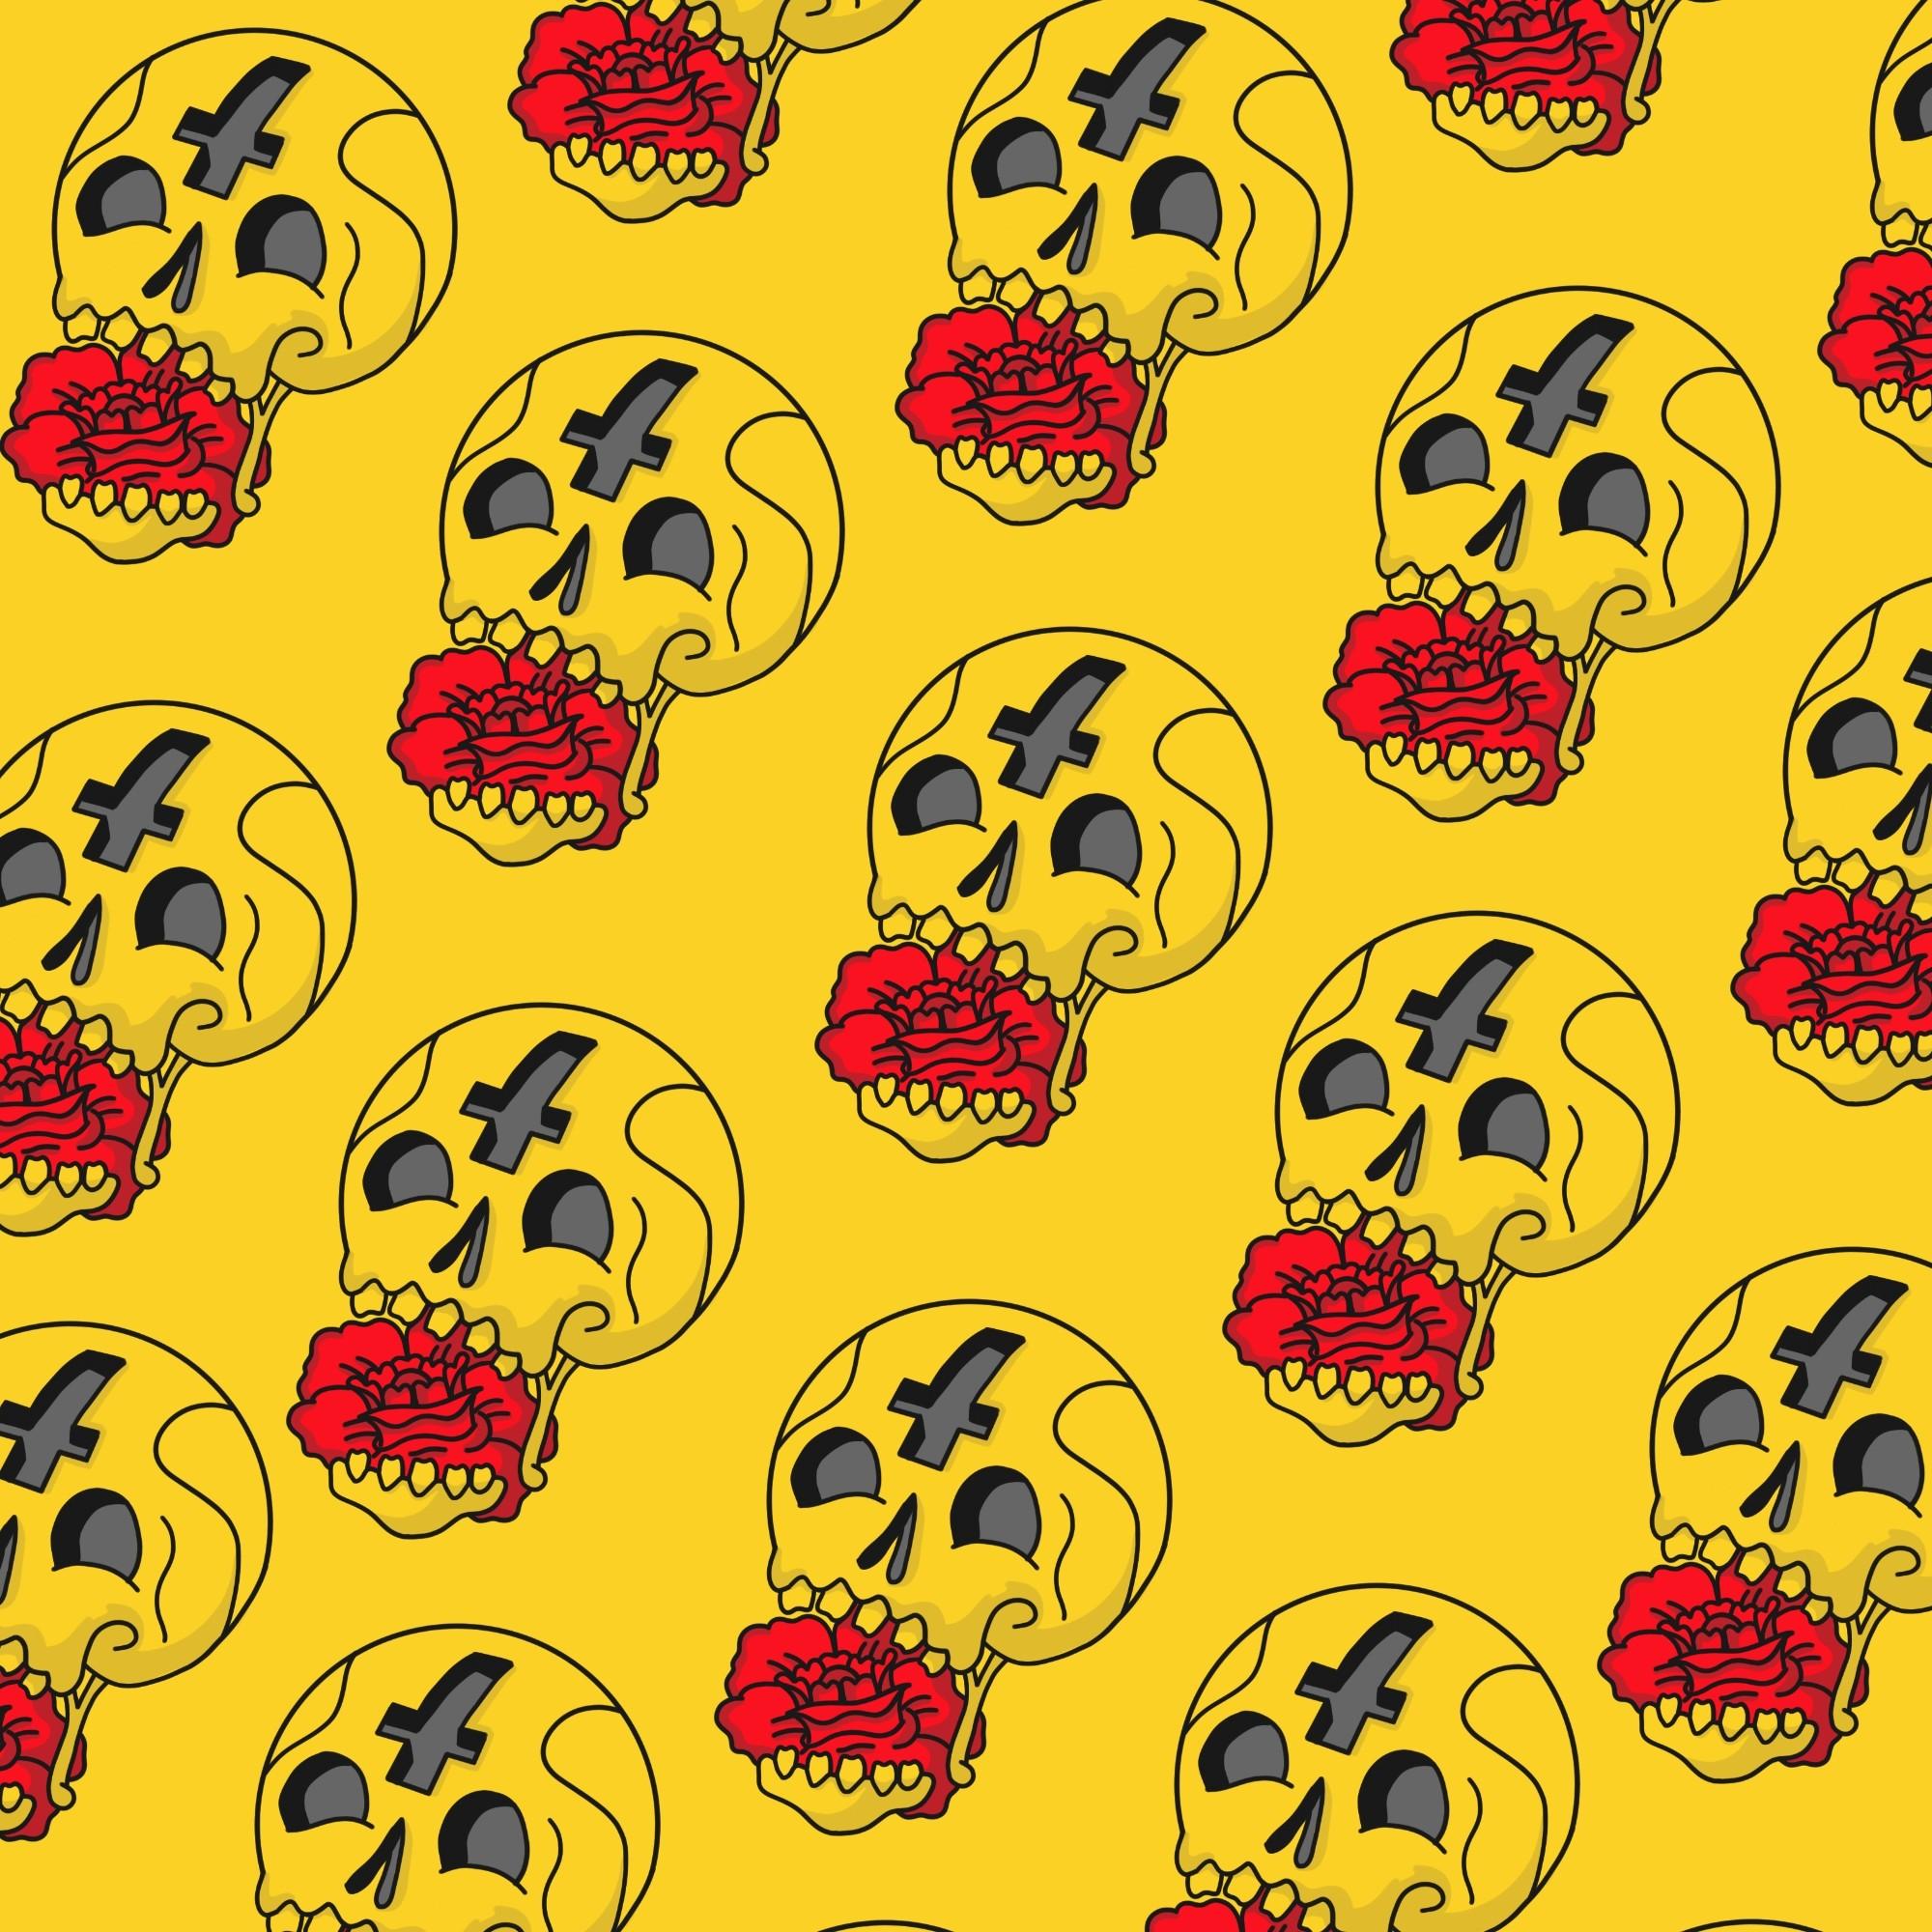 Sugar Skull Wallpaper by AdamTav on DeviantArt